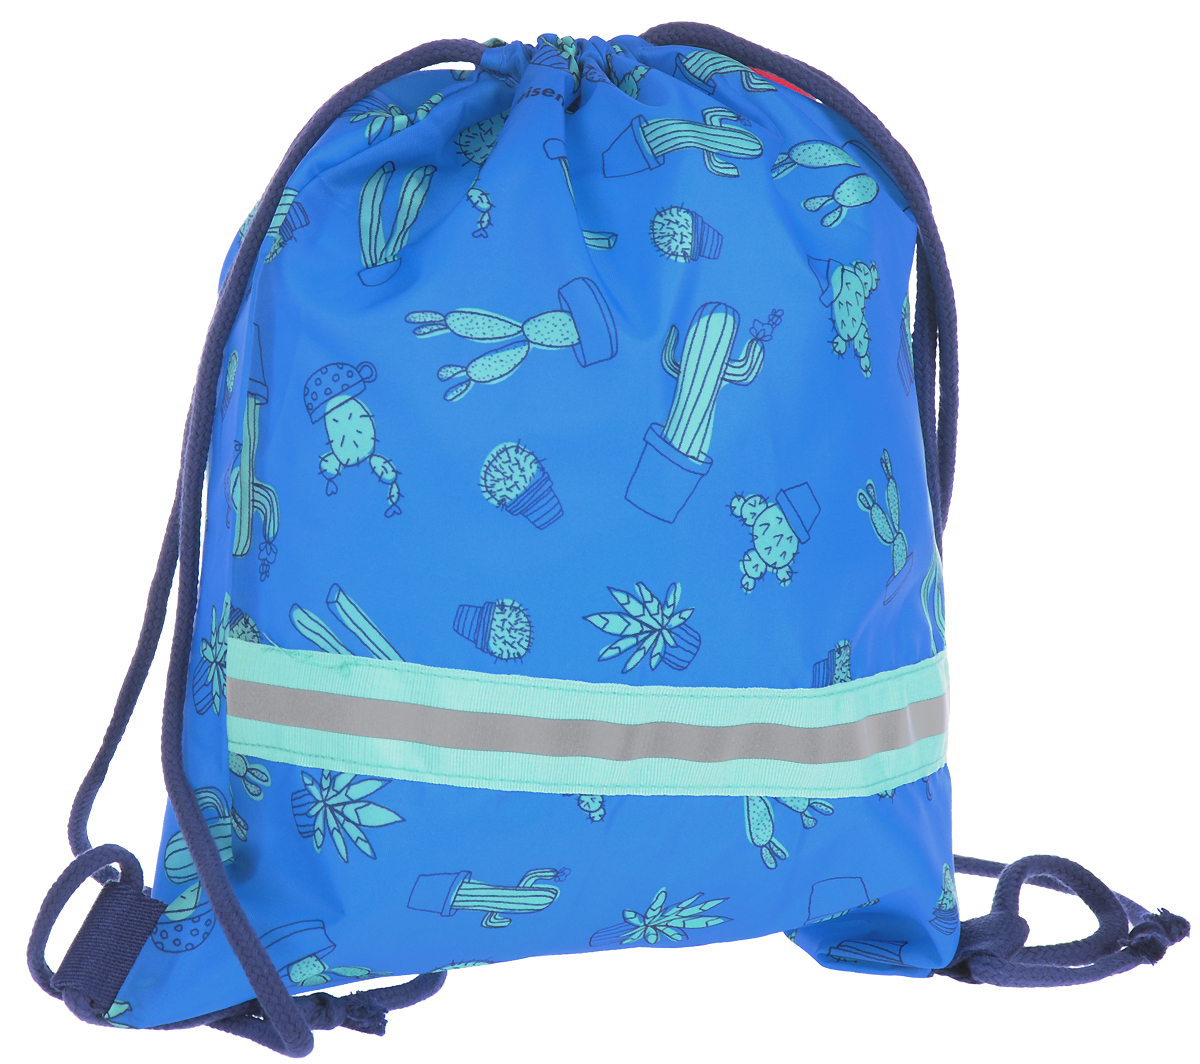 Мешок детский Reisenthel, цвет: голубой. IC4049IC4049Детский мешок с универсальным применением! Пригодится для поездок за город и путешествий, а также тем, кто посещает спортивные секции и кружки. Подойдет для хранения сменки в школе, тем более, что он легко и быстро затягивается с помощью шнурков. Эти же шнурки используются в качестве лямок: можно перекинуть их через плечо, а можно просто нести в руке. Внутри находится специальная плашка, куда можно вписать имя ребенка. Светоотражающие элементы обеспечат дополнительную безопасность на улице. Материал: прочный водоотталкивающий полиэстер премиум класса. Объем - 5 л.